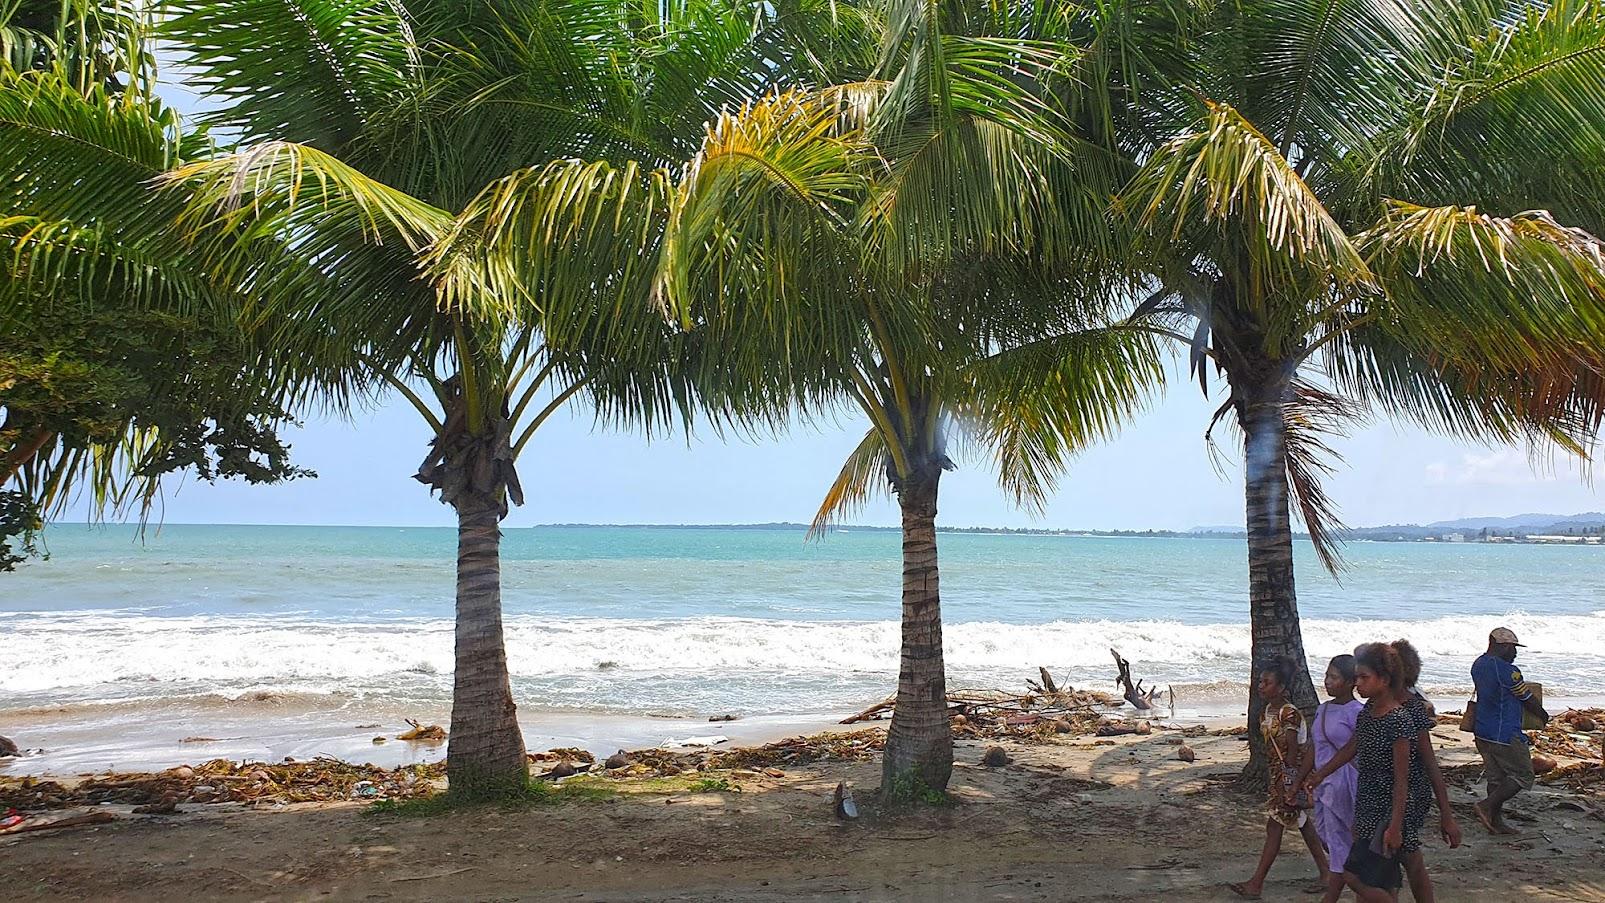 Dias 145 e 146 - Do Sepik para as Terras Altas, passando por MADANG | Papua Nova Guiné